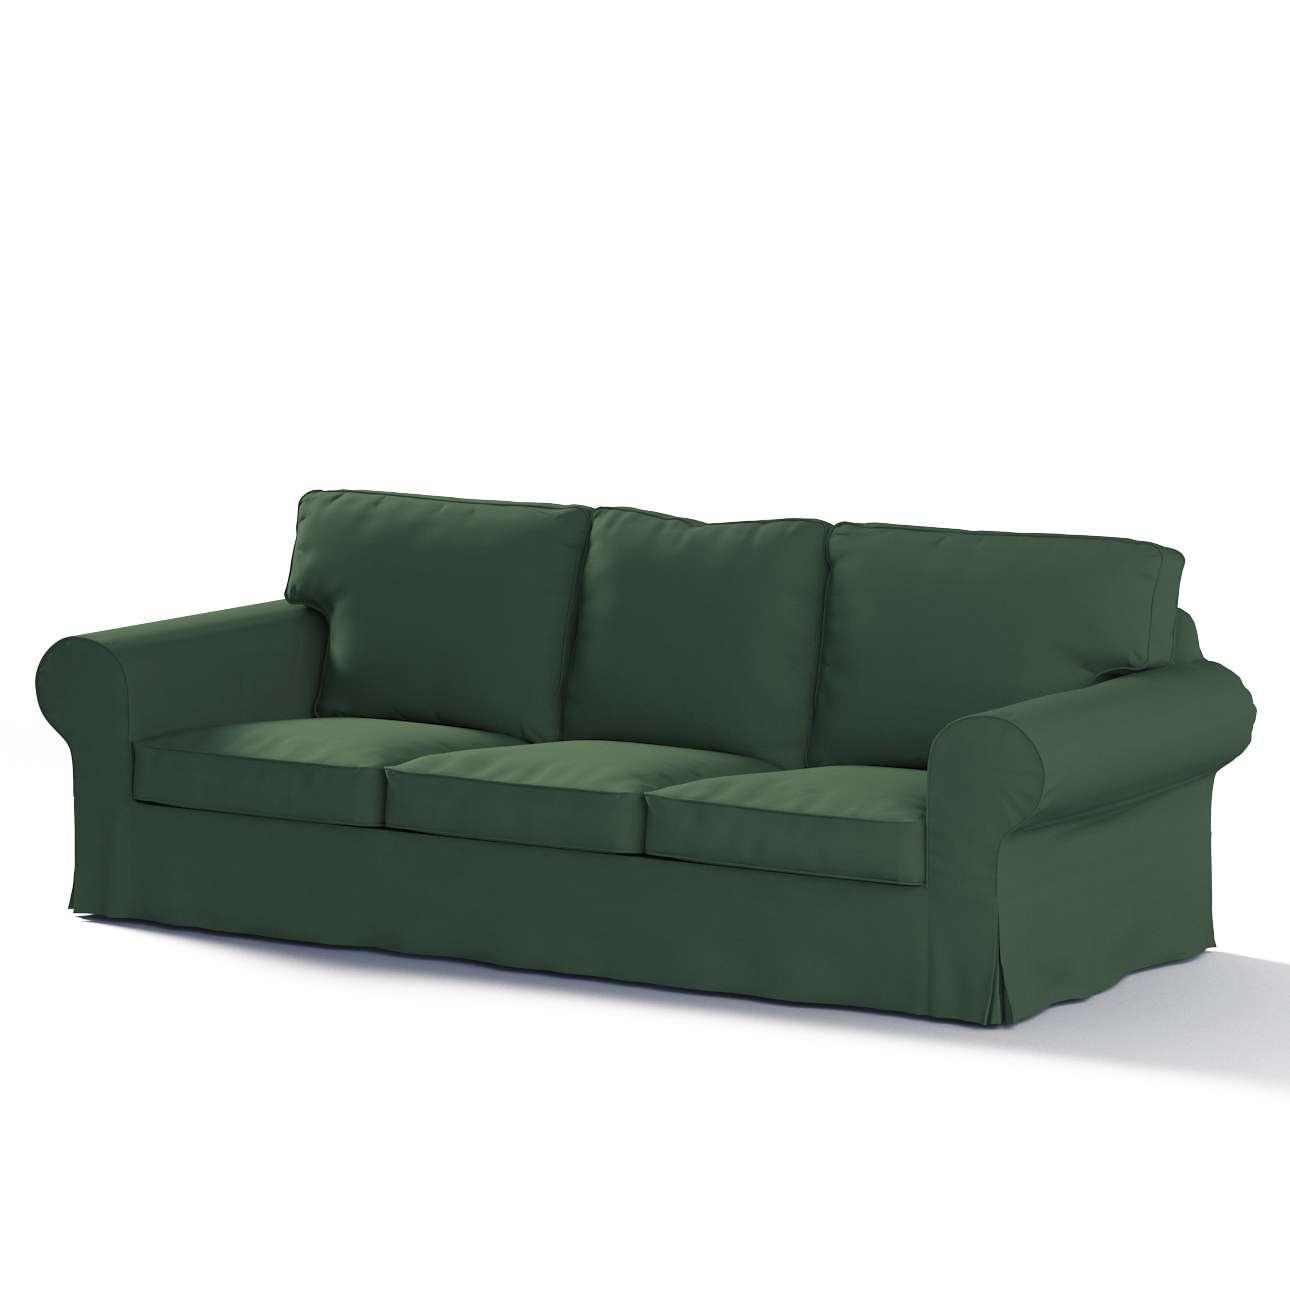 Pokrowiec na sofę Ektorp 3-osobową, rozkładaną, PIXBO w kolekcji Cotton Panama, tkanina: 702-06